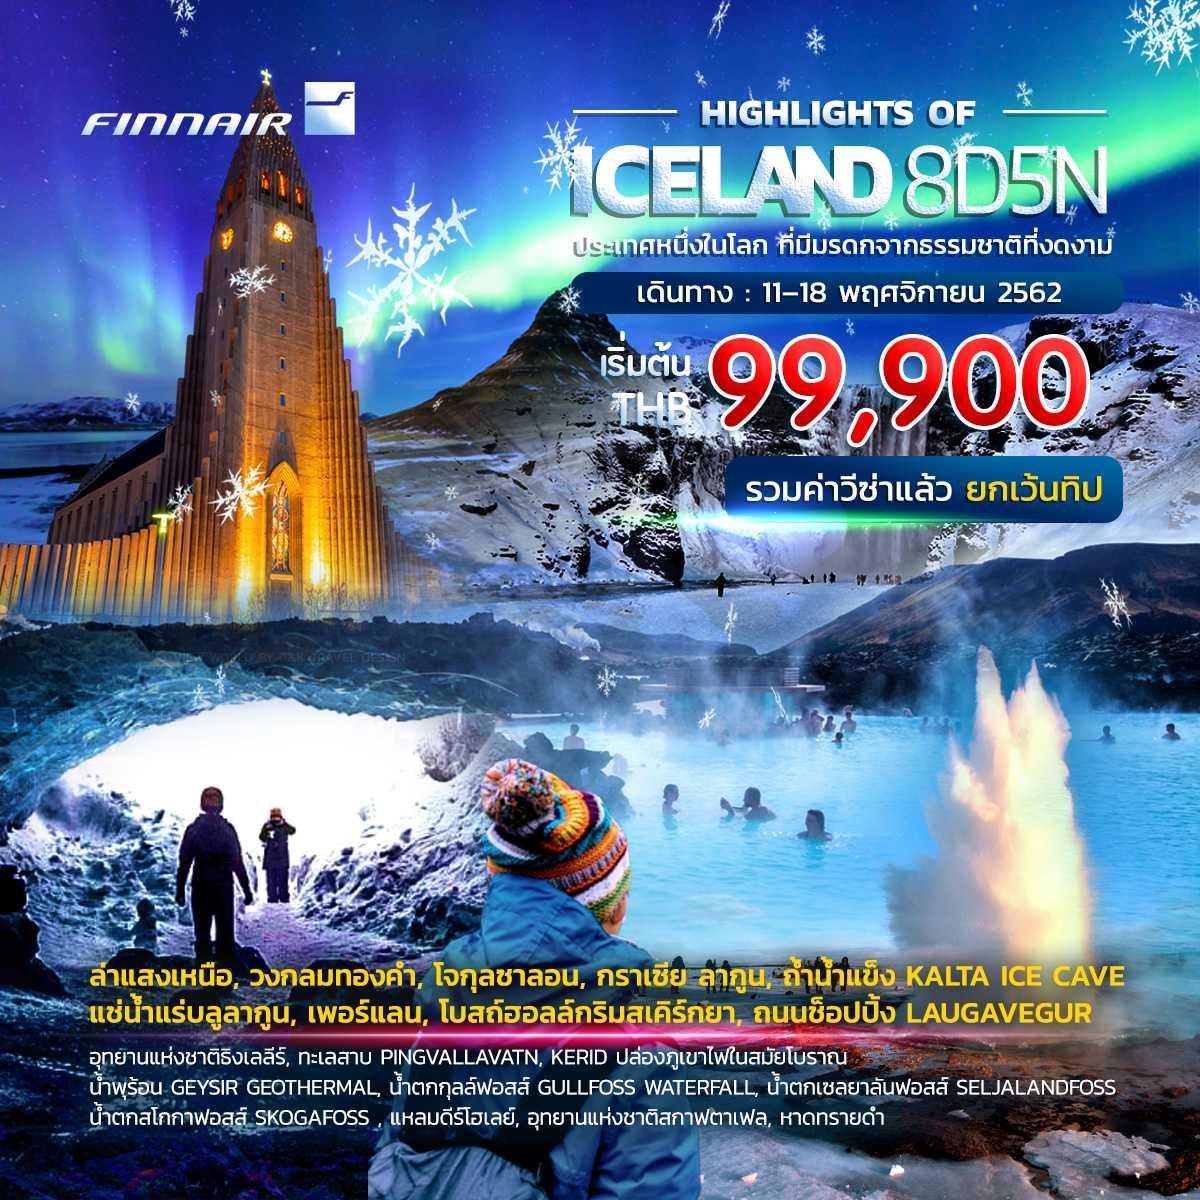 ทัวร์ไอซ์แลนด์ ล่าแสงเหนือ วงกลมทองคำ ปล่องภูเขาไฟโบราณ 8วัน 5คืน โดยสายการบิน FINNAIR(AY)